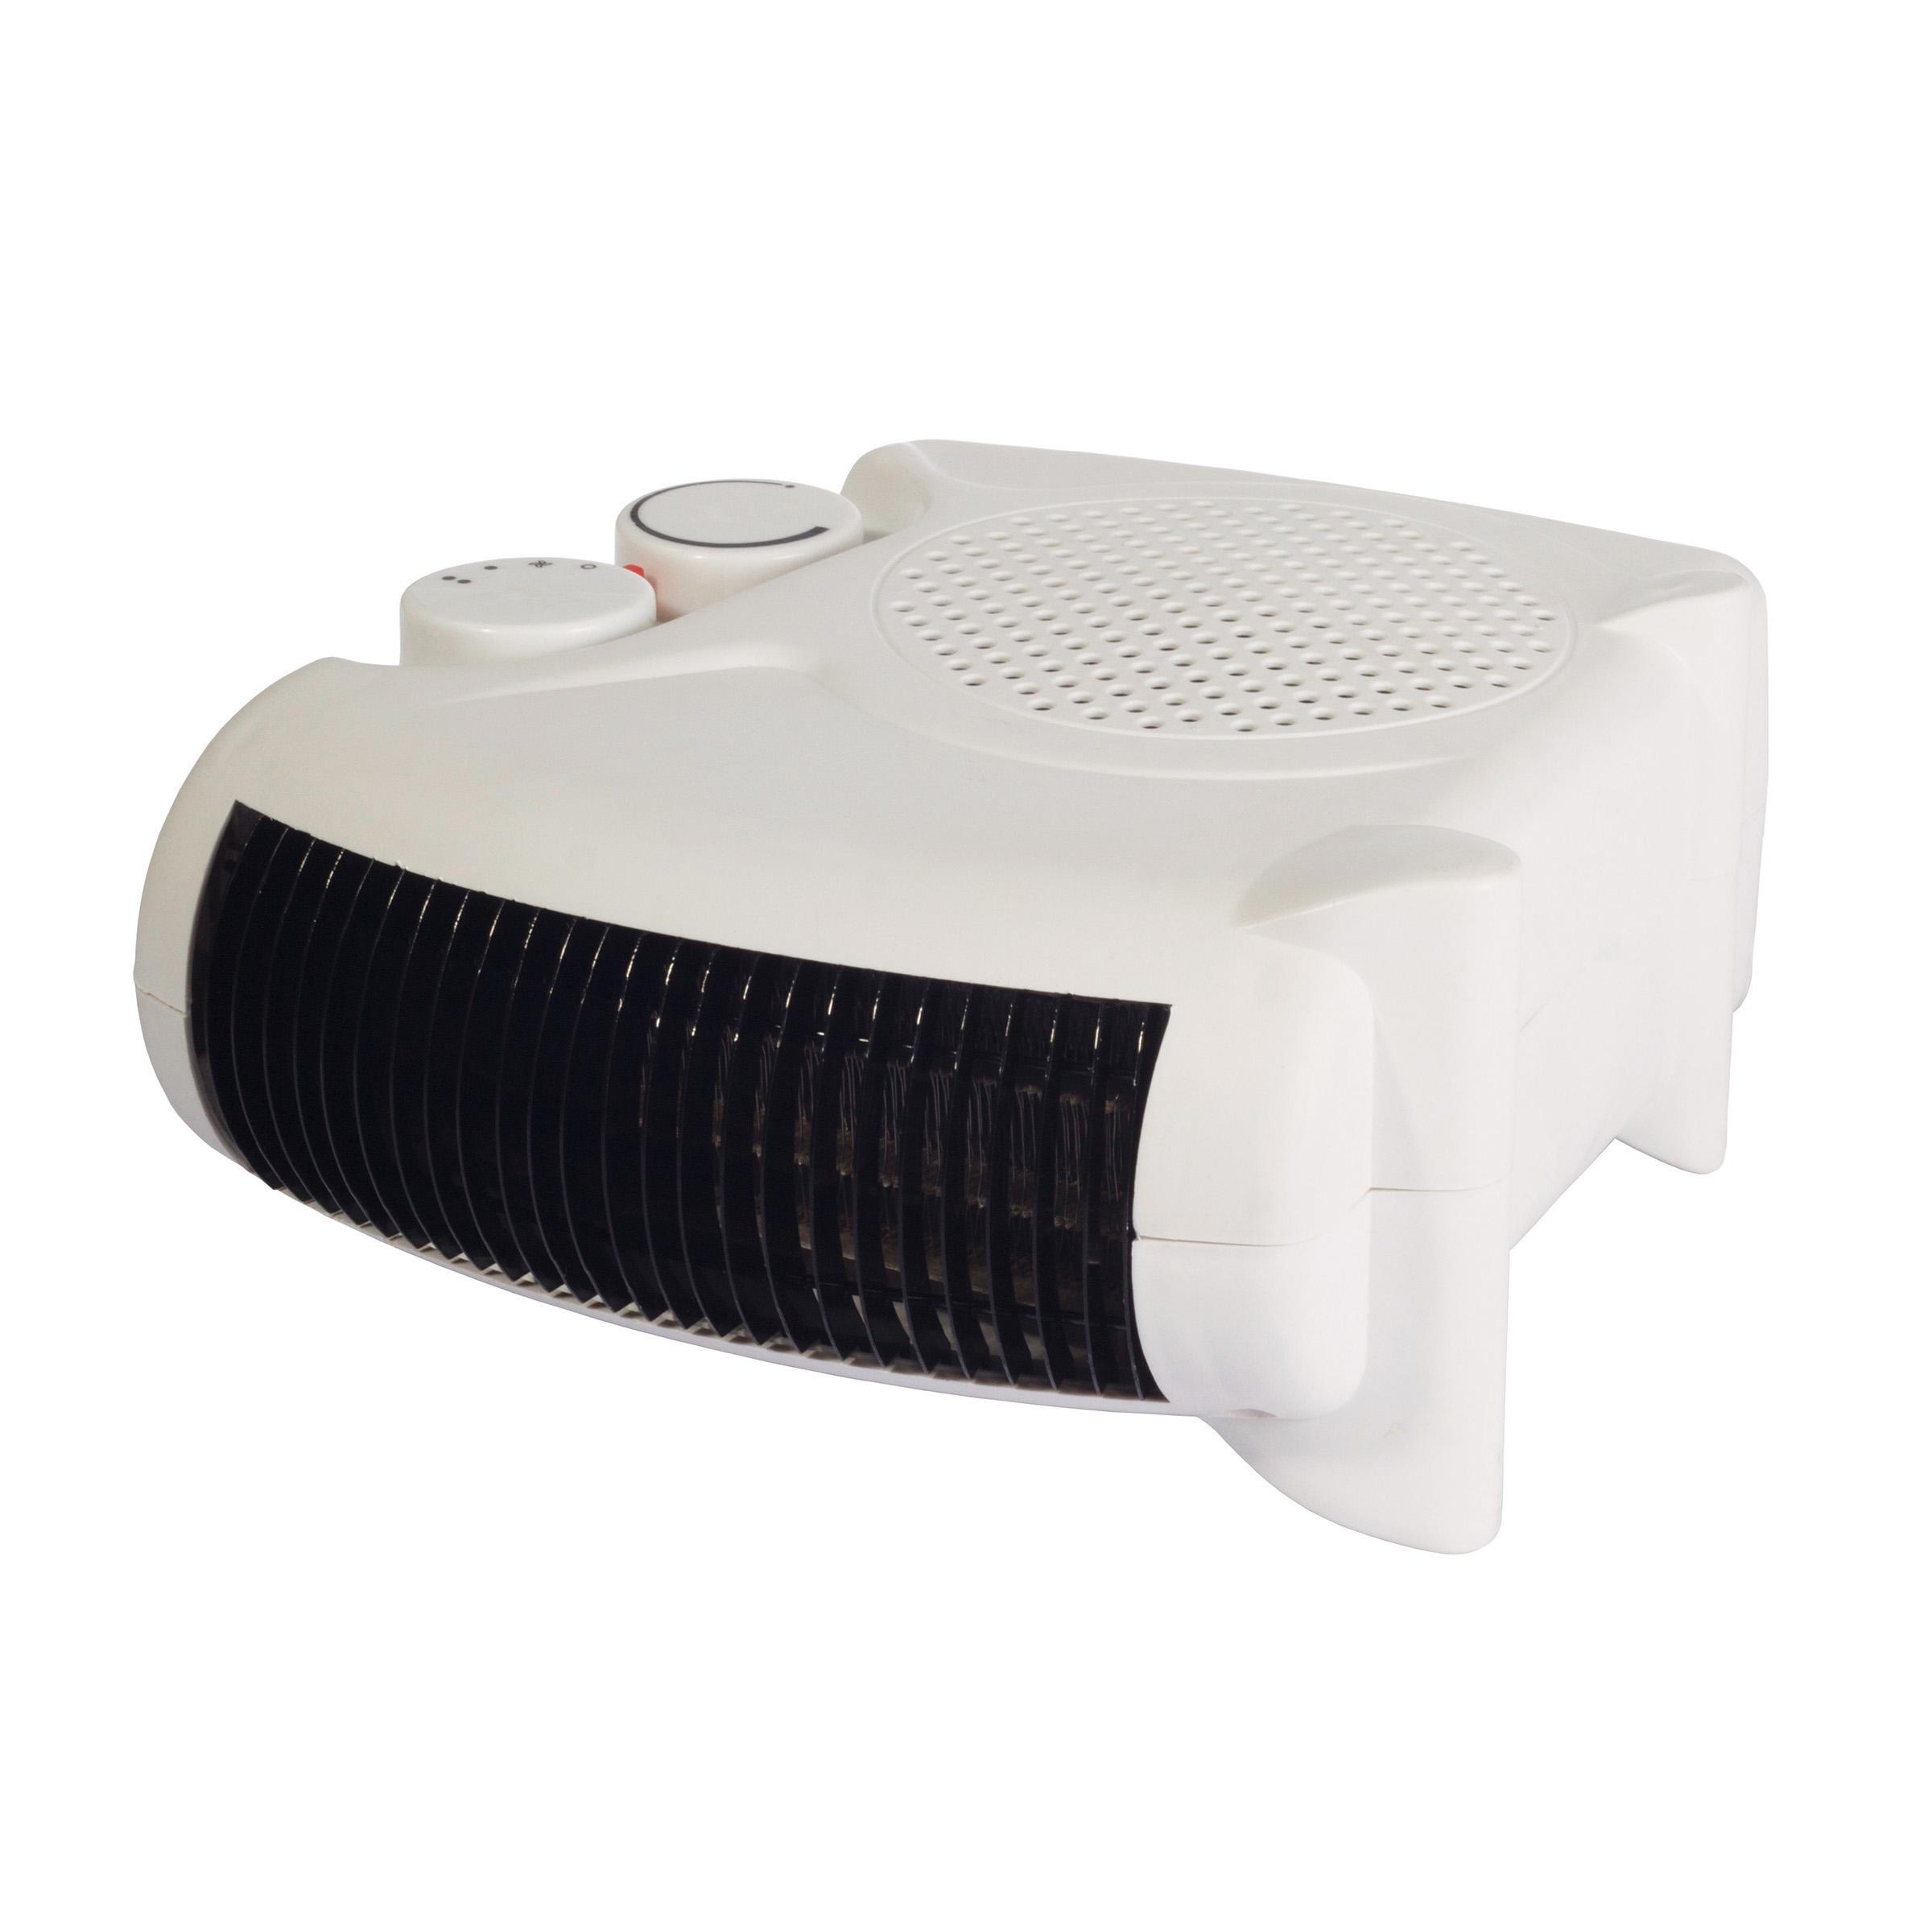 Igenix 2kW Uprigh/Flat Fan Heater White Ref IG9010